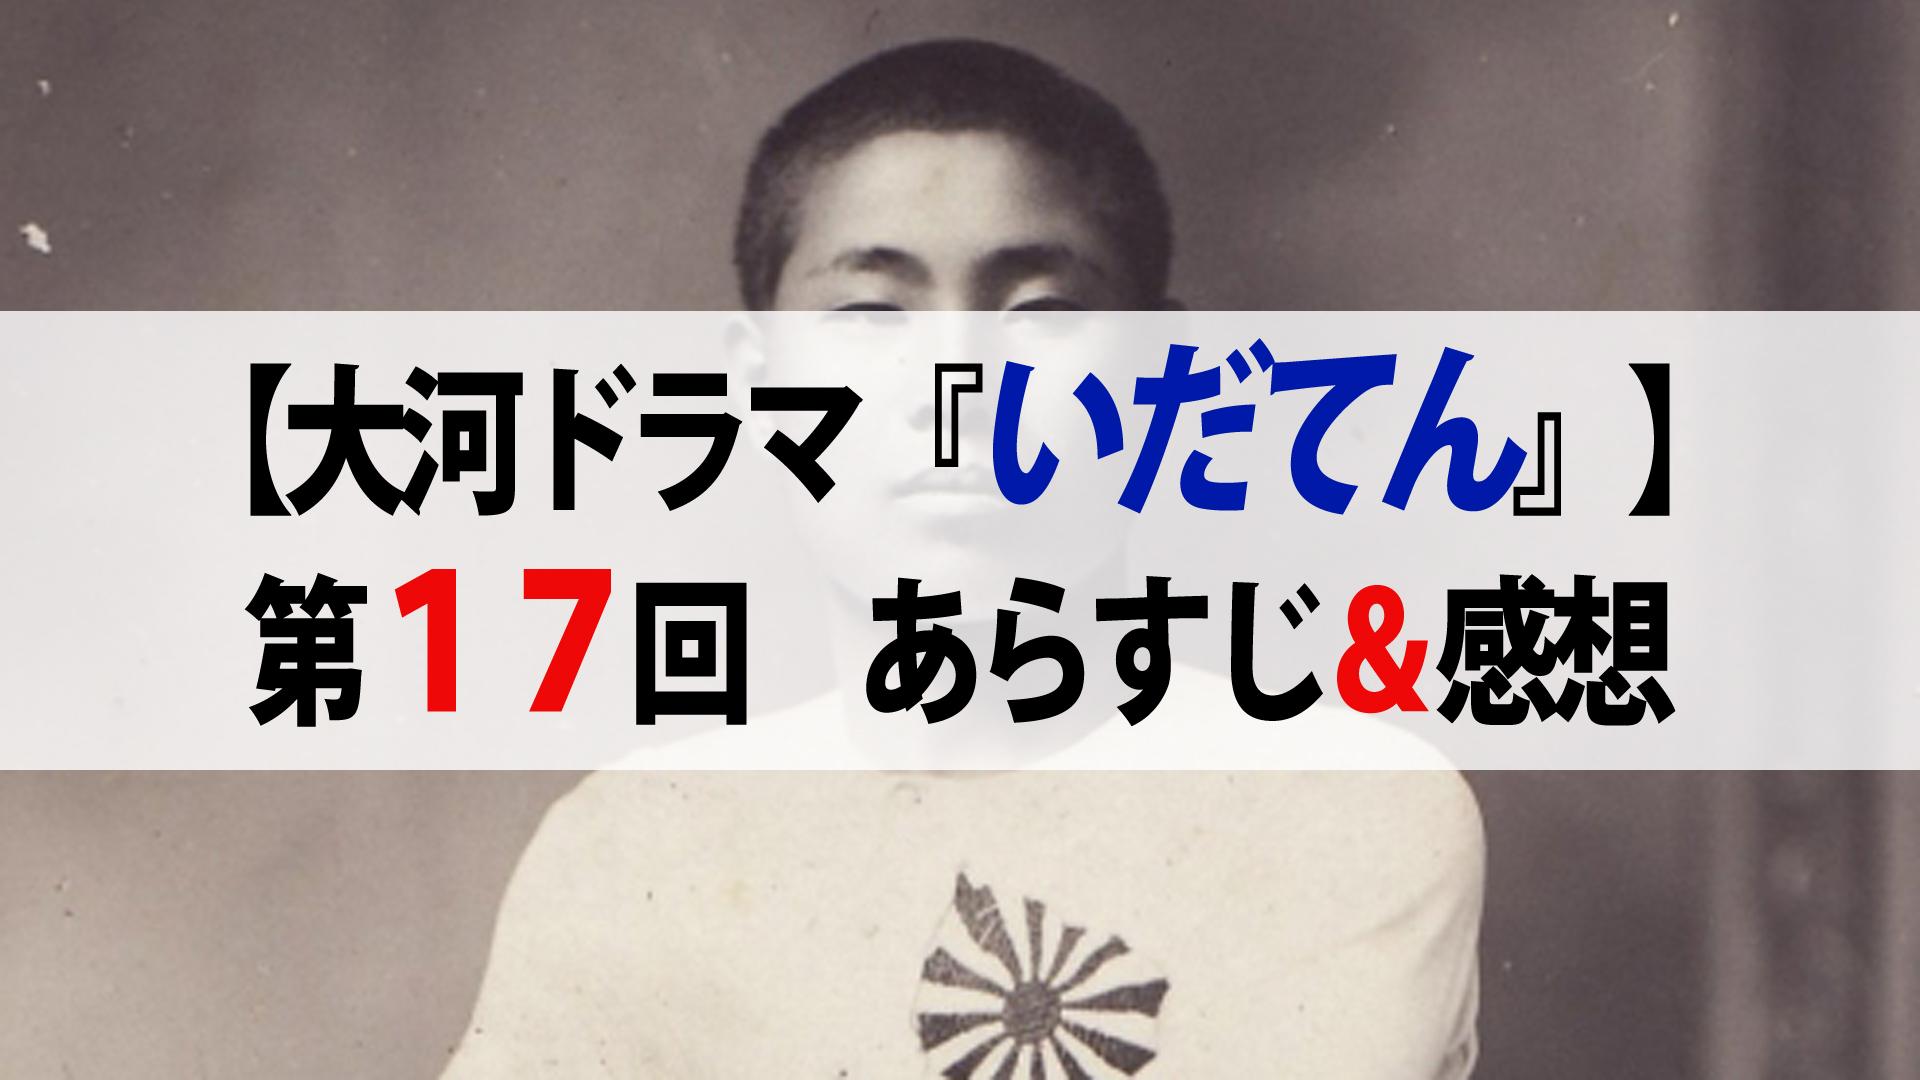 【大河ドラマ『いだてん』】第17回『いつも2人で』あらすじ&感想